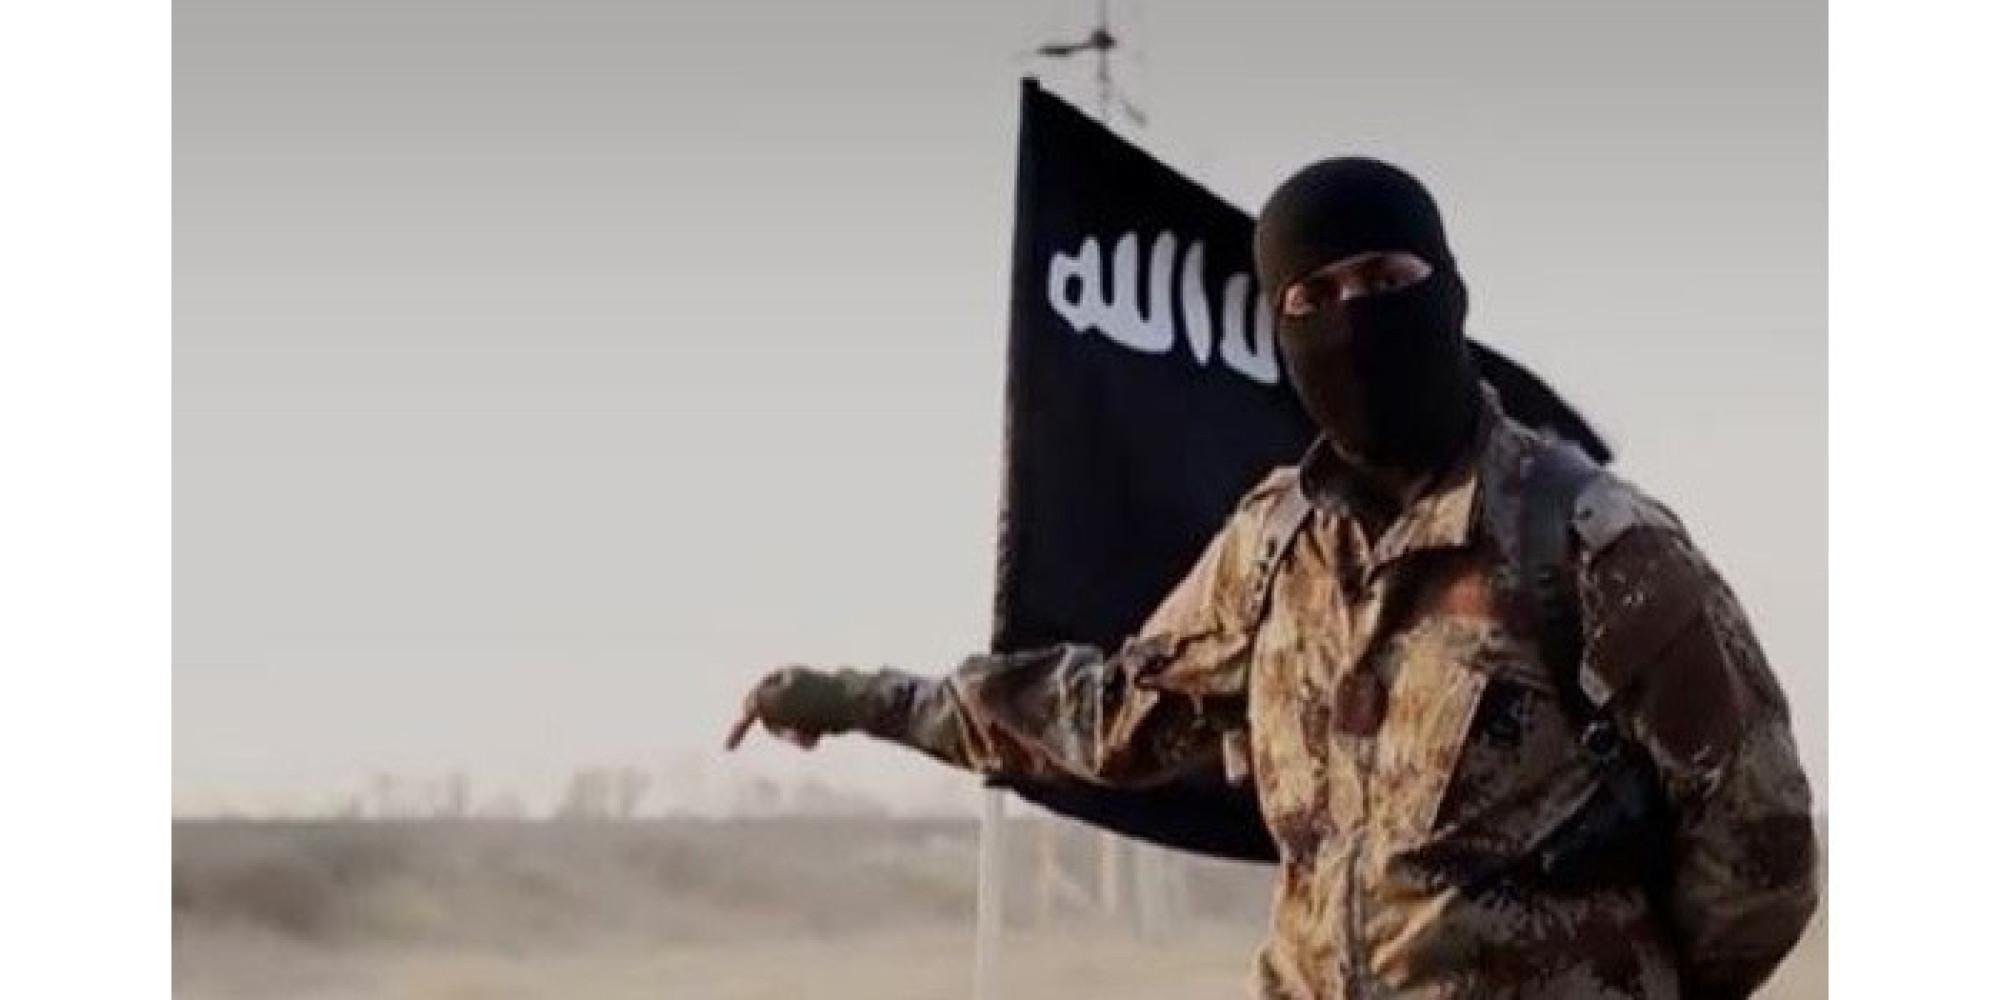 ИГопубликовало видеозапись казни предполагаемого русского шпиона